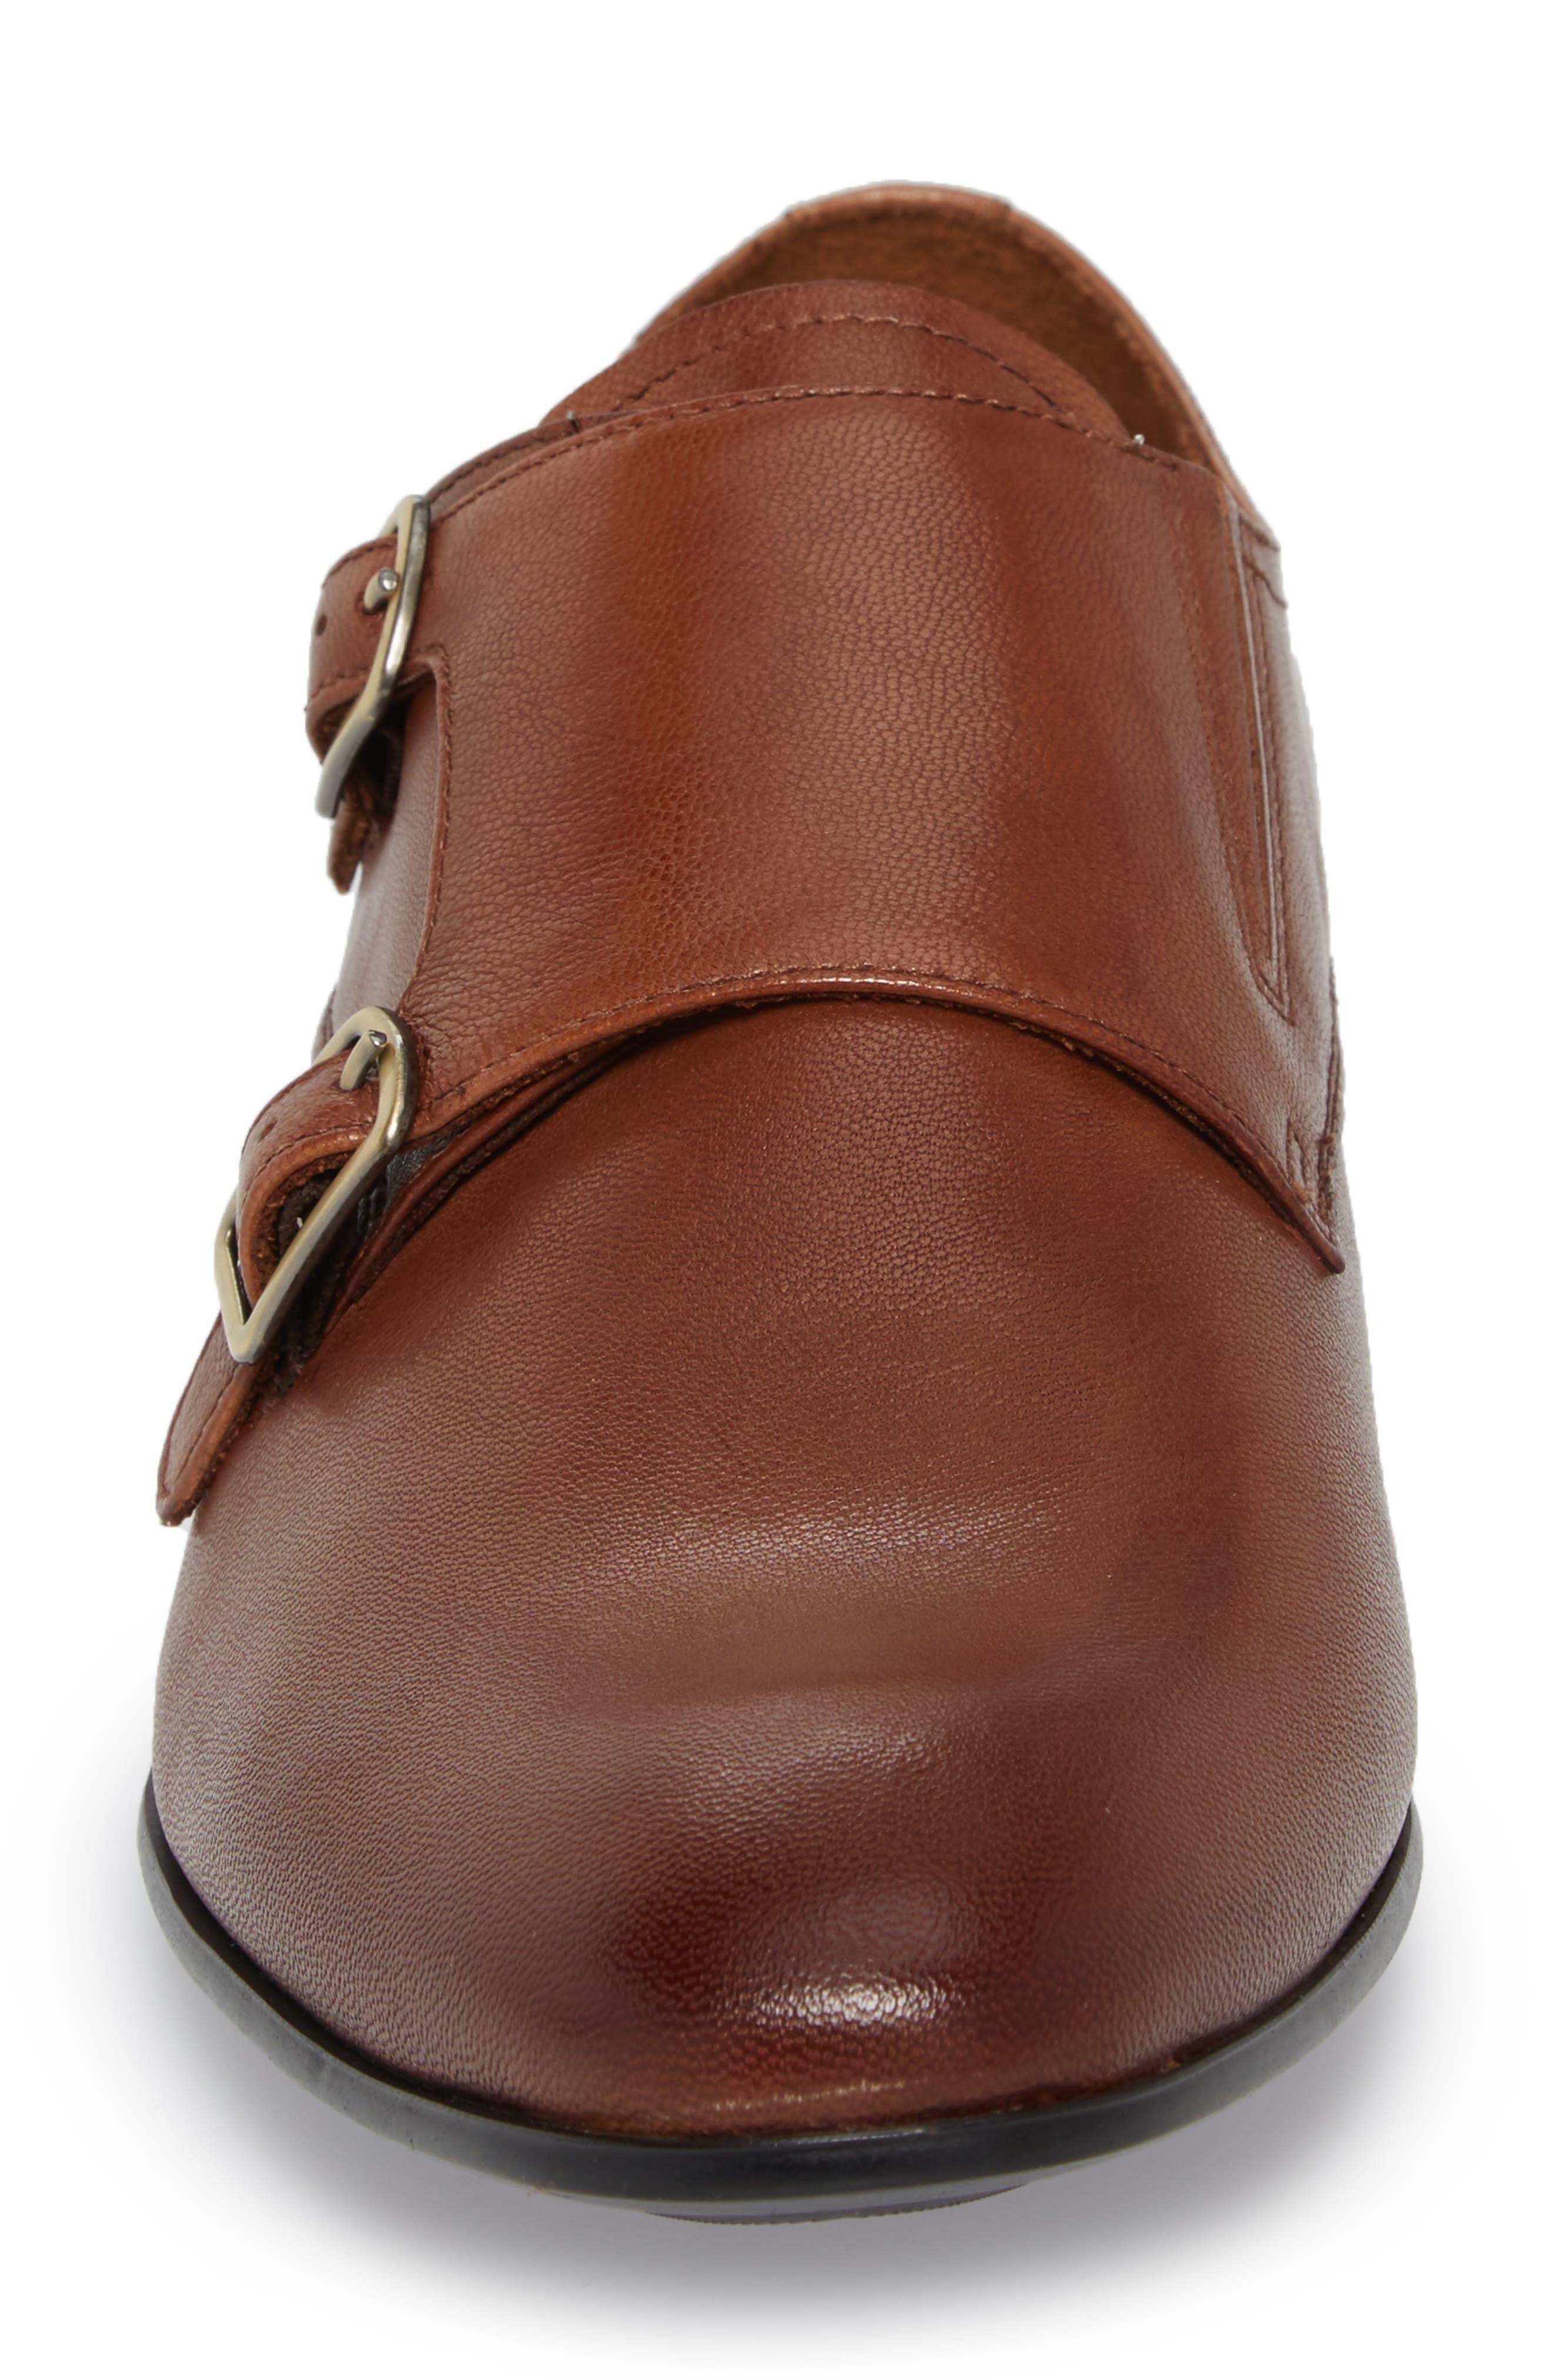 Mix Double Monk Strap Shoe,                             Alternate thumbnail 4, color,                             Cognac Leather